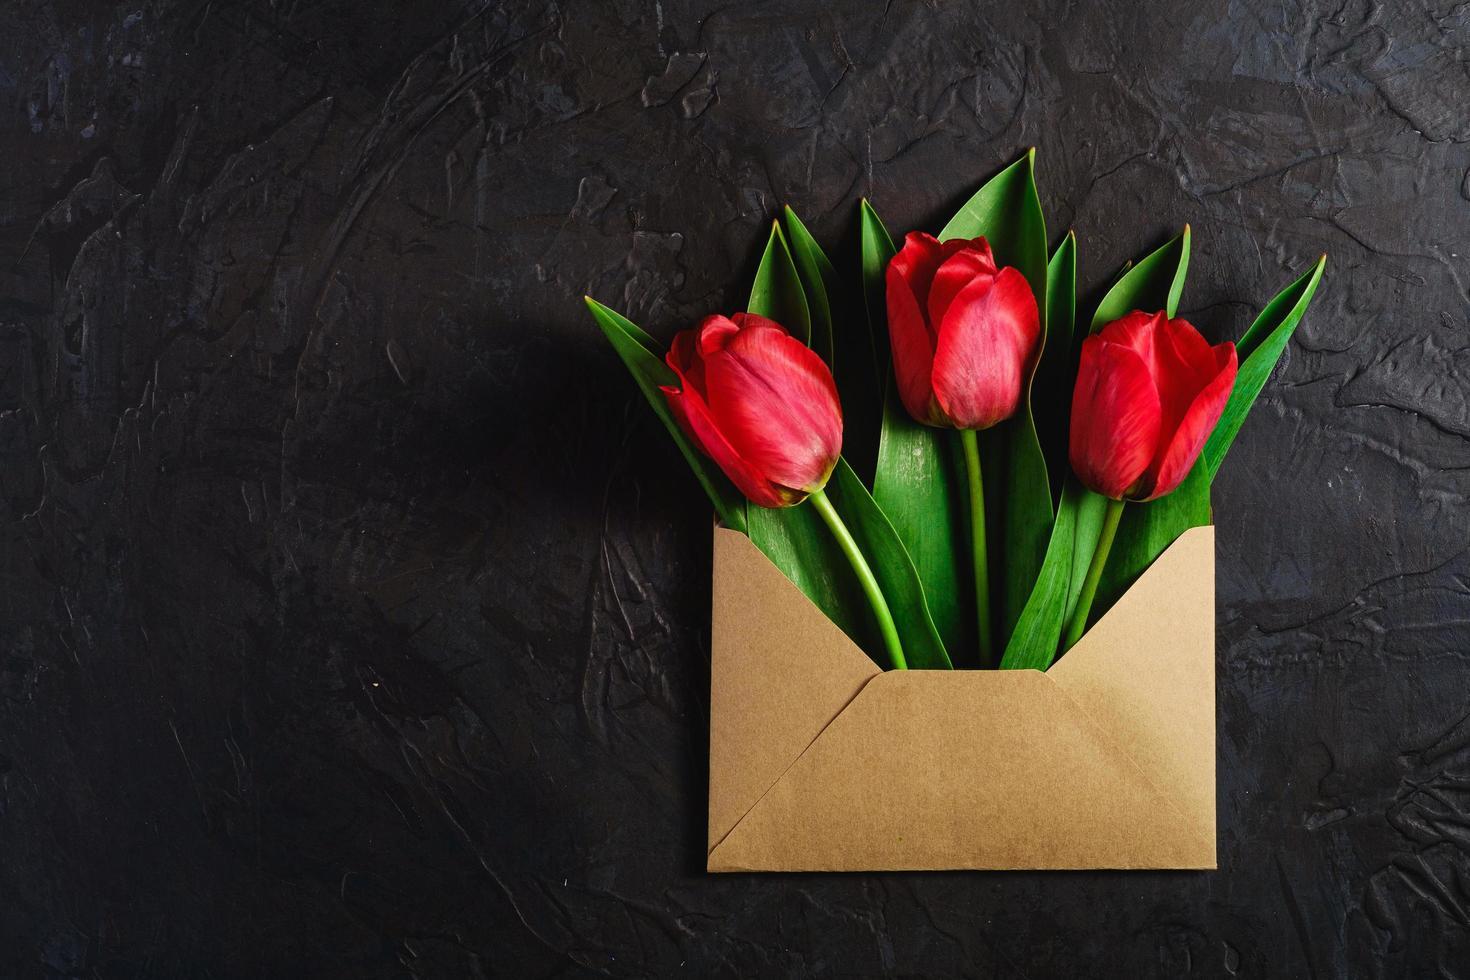 rote Blumen in einem Papierumschlag auf strukturiertem dunkelschwarzem Hintergrund foto